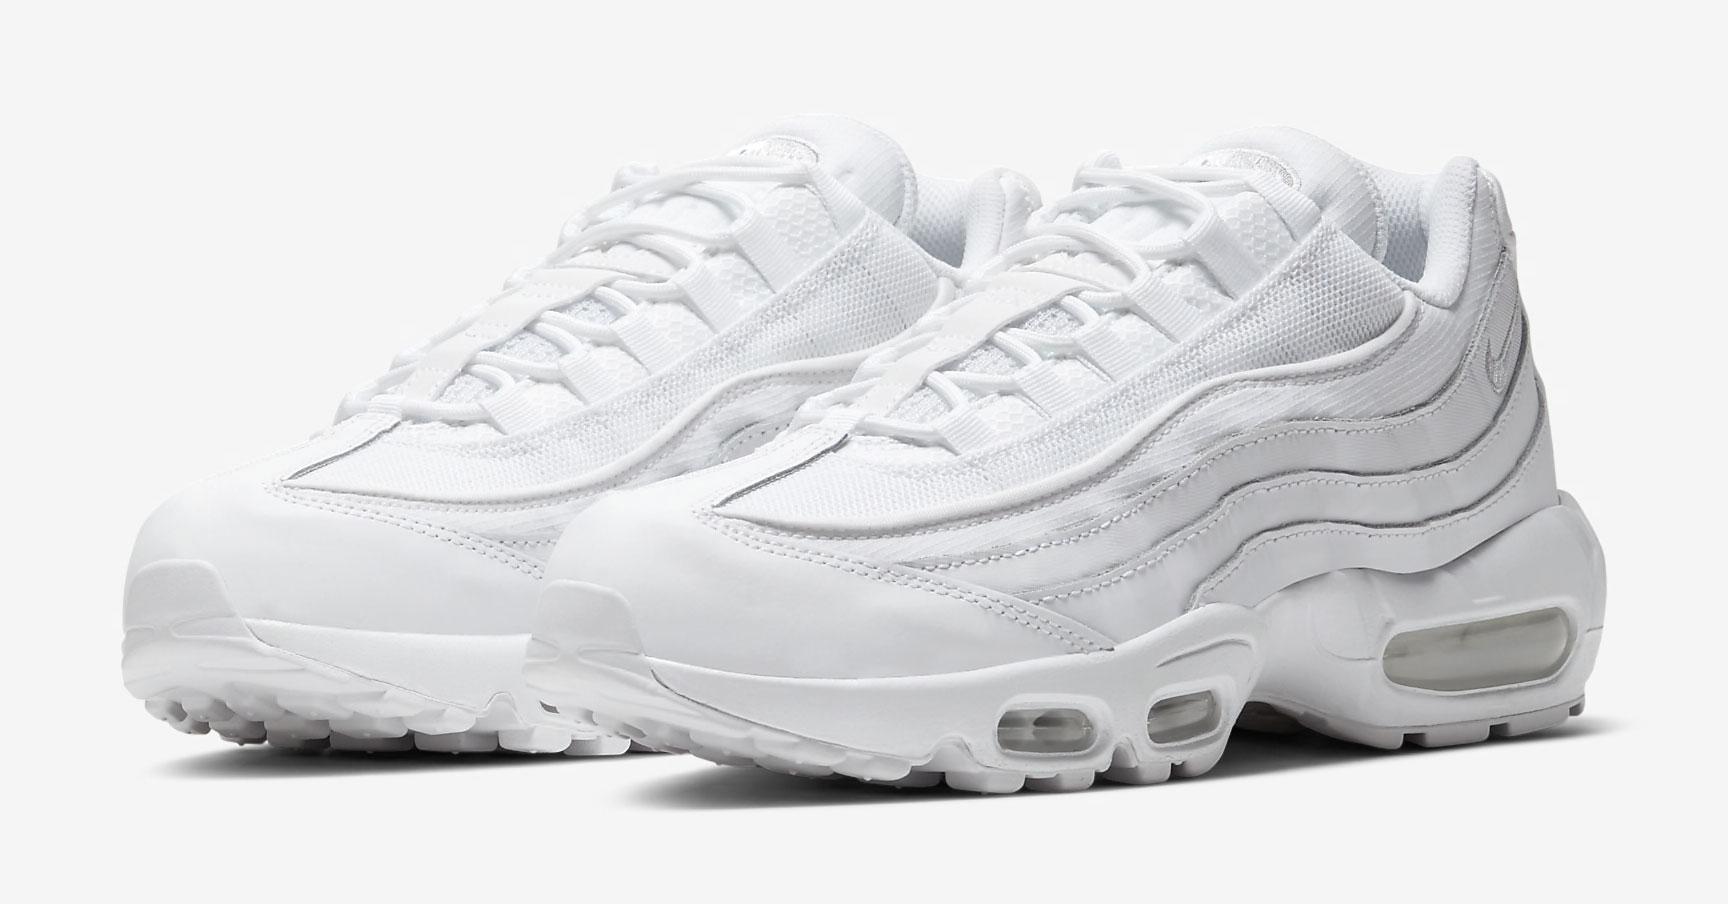 Nike Air Max 95 Essential White Grey